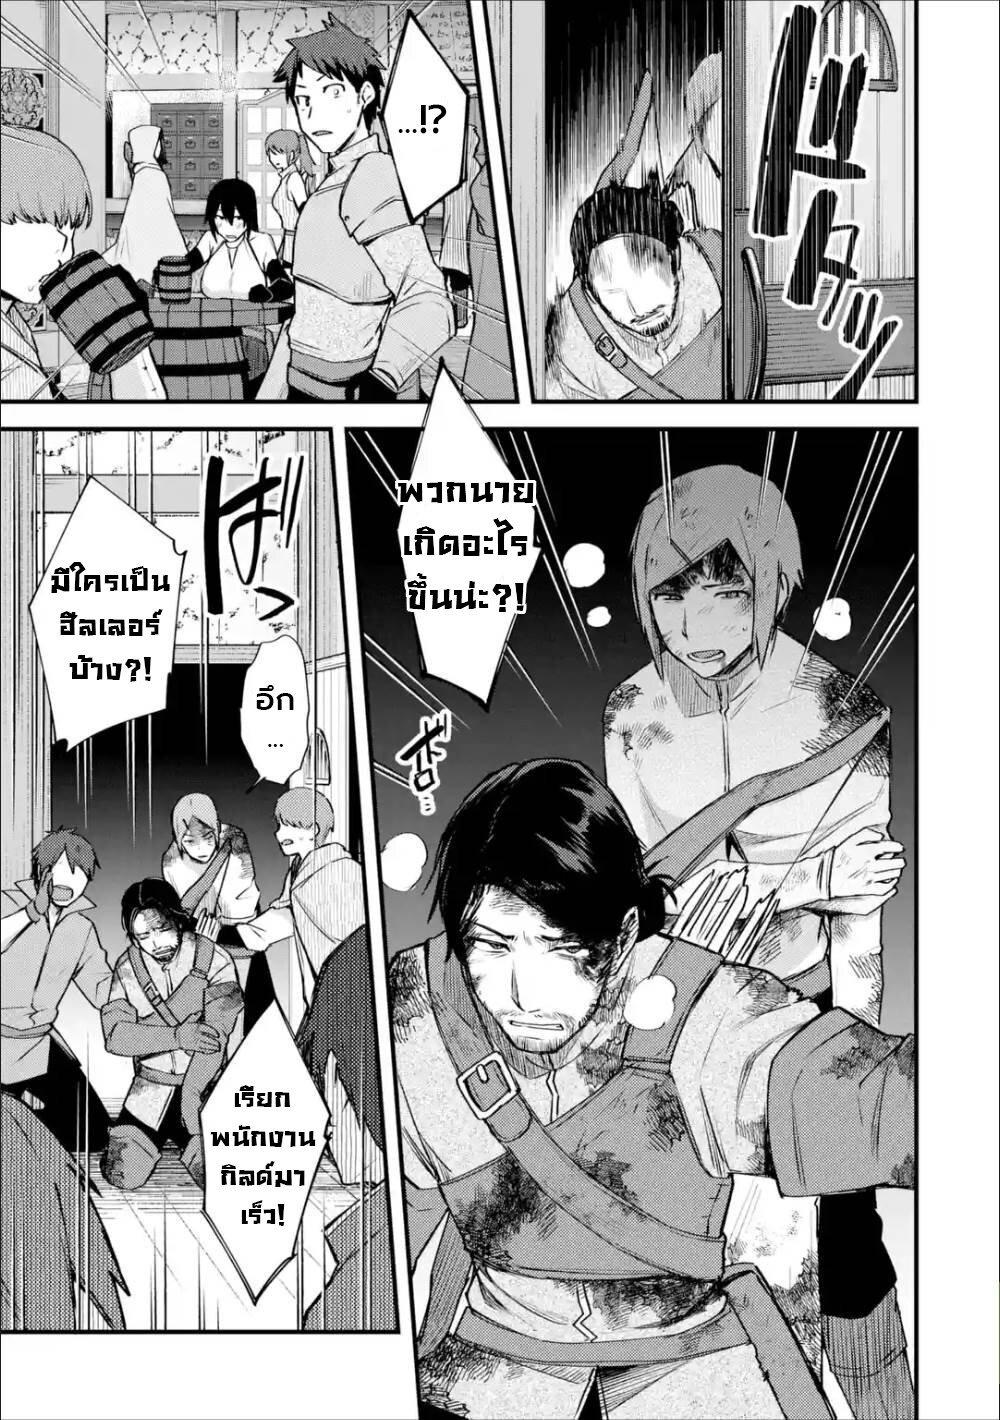 อ่านการ์ตูน Nido Tensei Shita Shounen wa S Rank Boukensha Toshite Heion ni Sugosu-zense ga kenja de eiyuu datta boku wa raisede wa jimini ikiru ตอนที่ 18 หน้าที่ 5